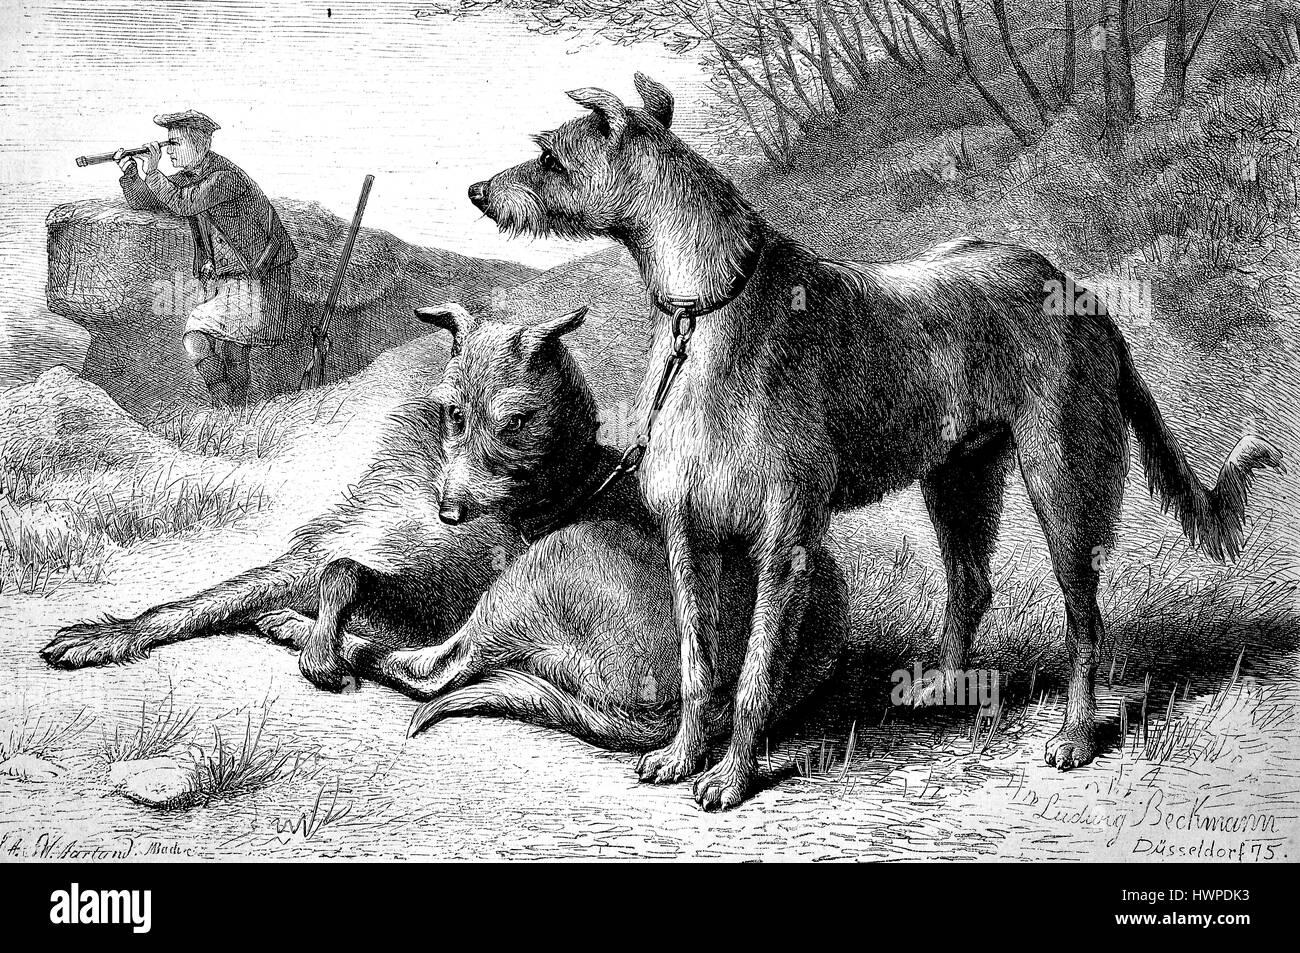 Scottish Deerhound, Greyhound Hunde als Jagdhund, Reproduktion einer original Holzschnitt aus dem Jahr 1882, digital Stockbild